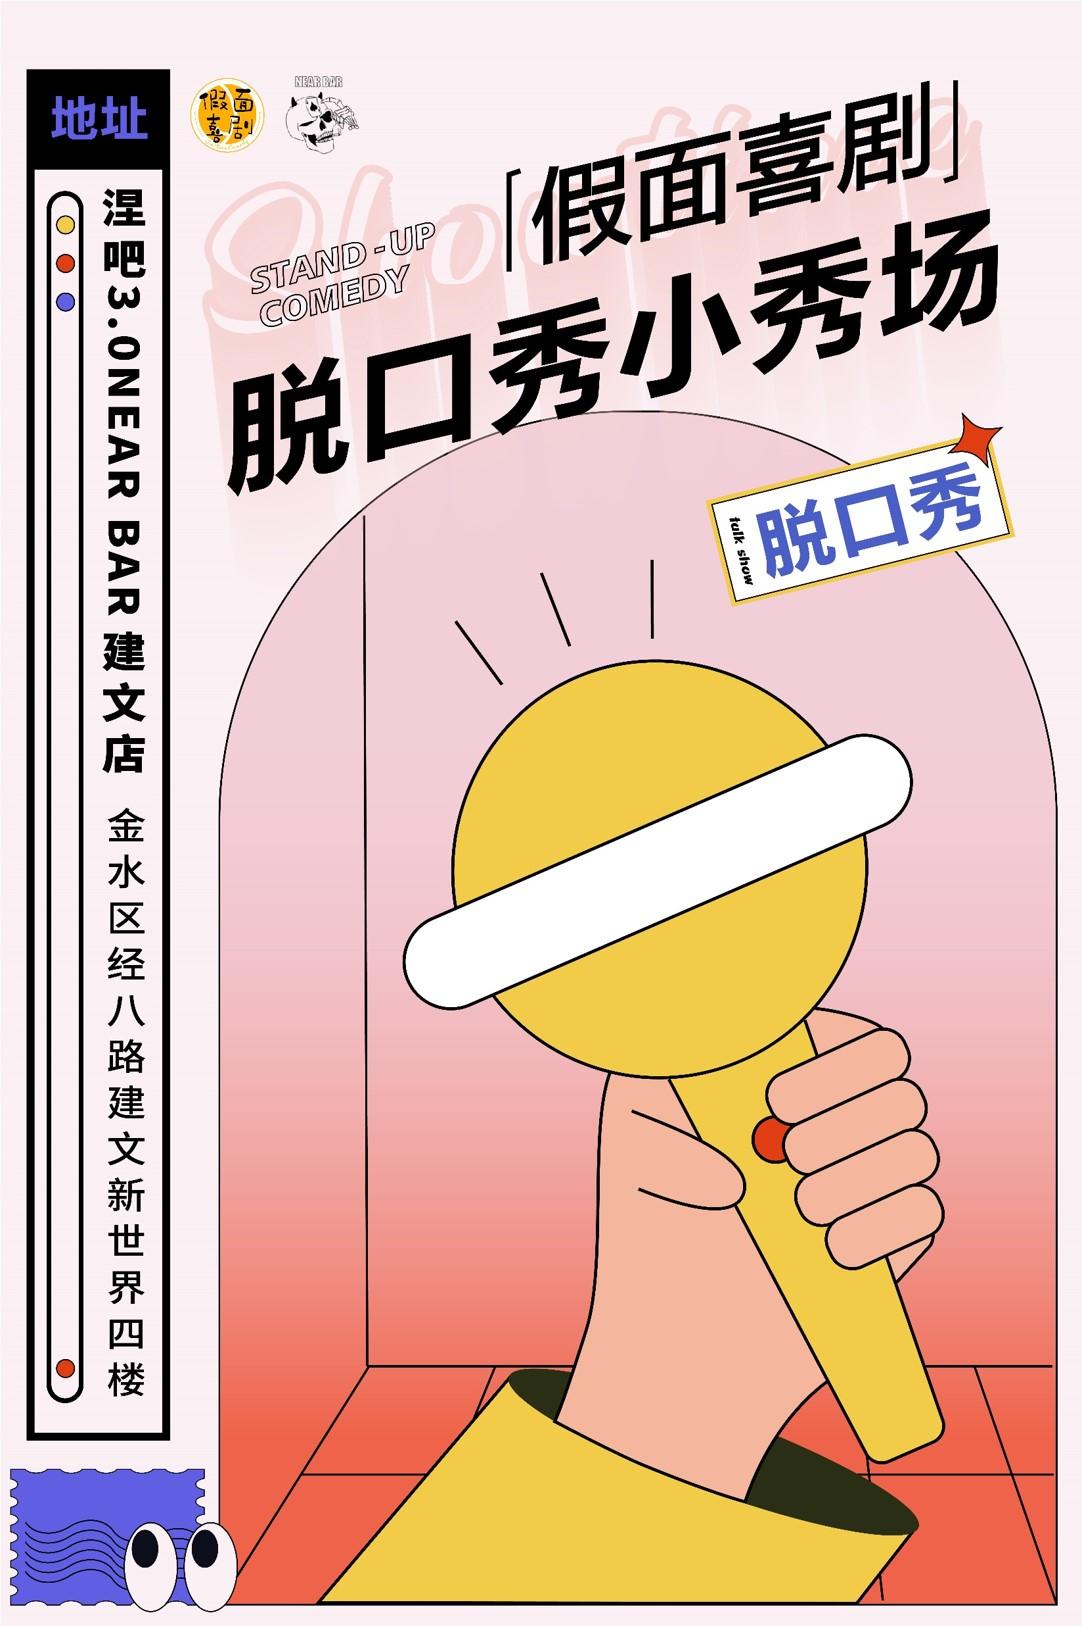 【鄭州】假面喜劇脫口秀小秀場